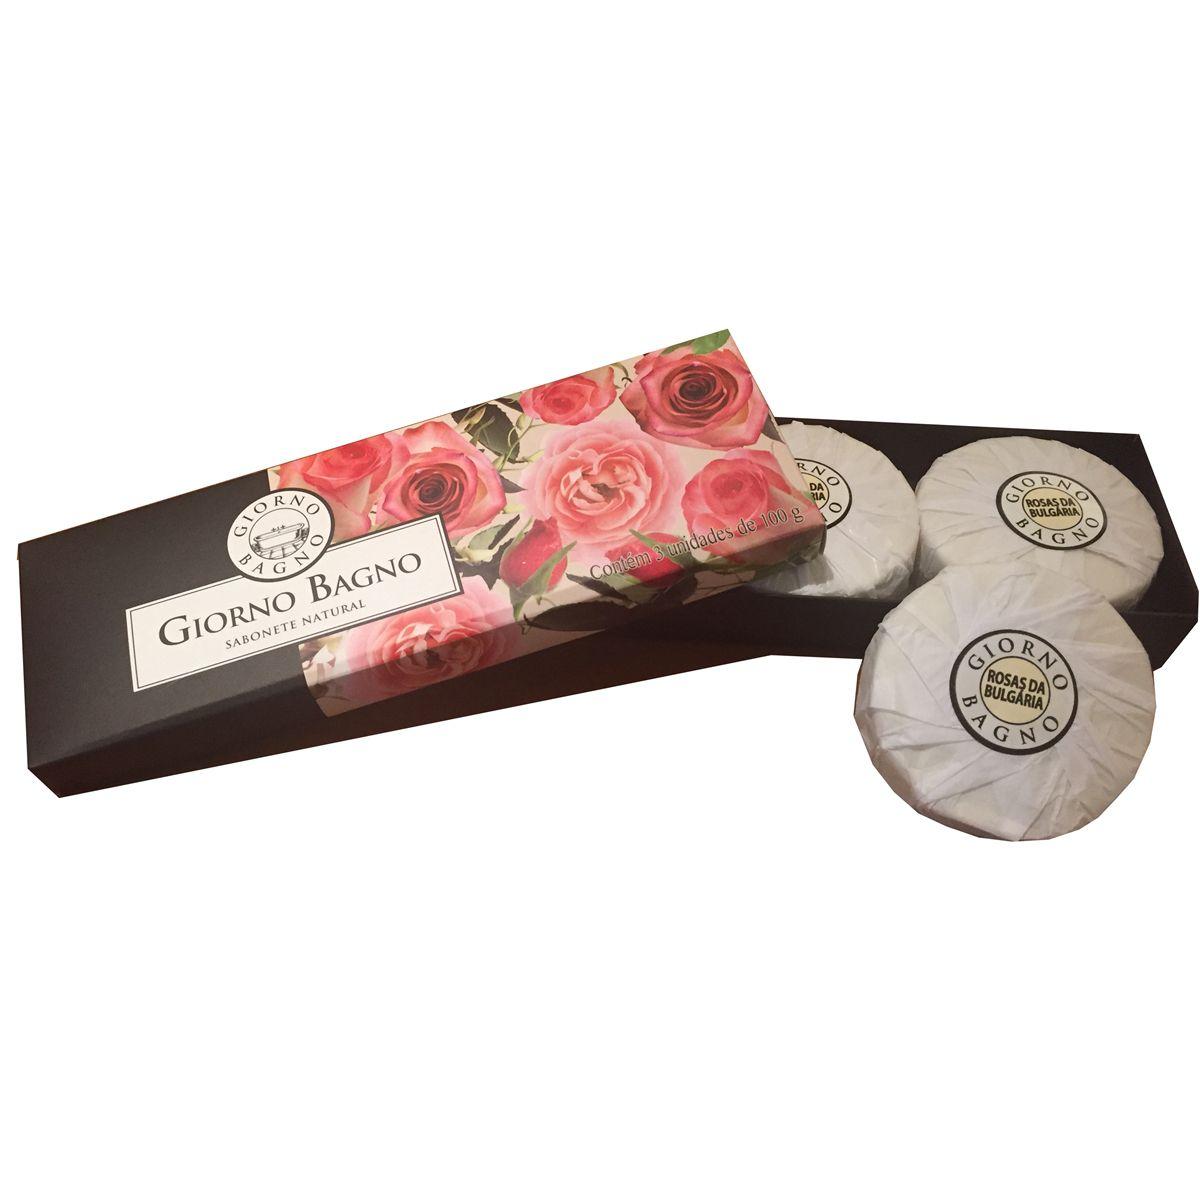 Kit Giorno Bagno Rosa 3 x 100 g